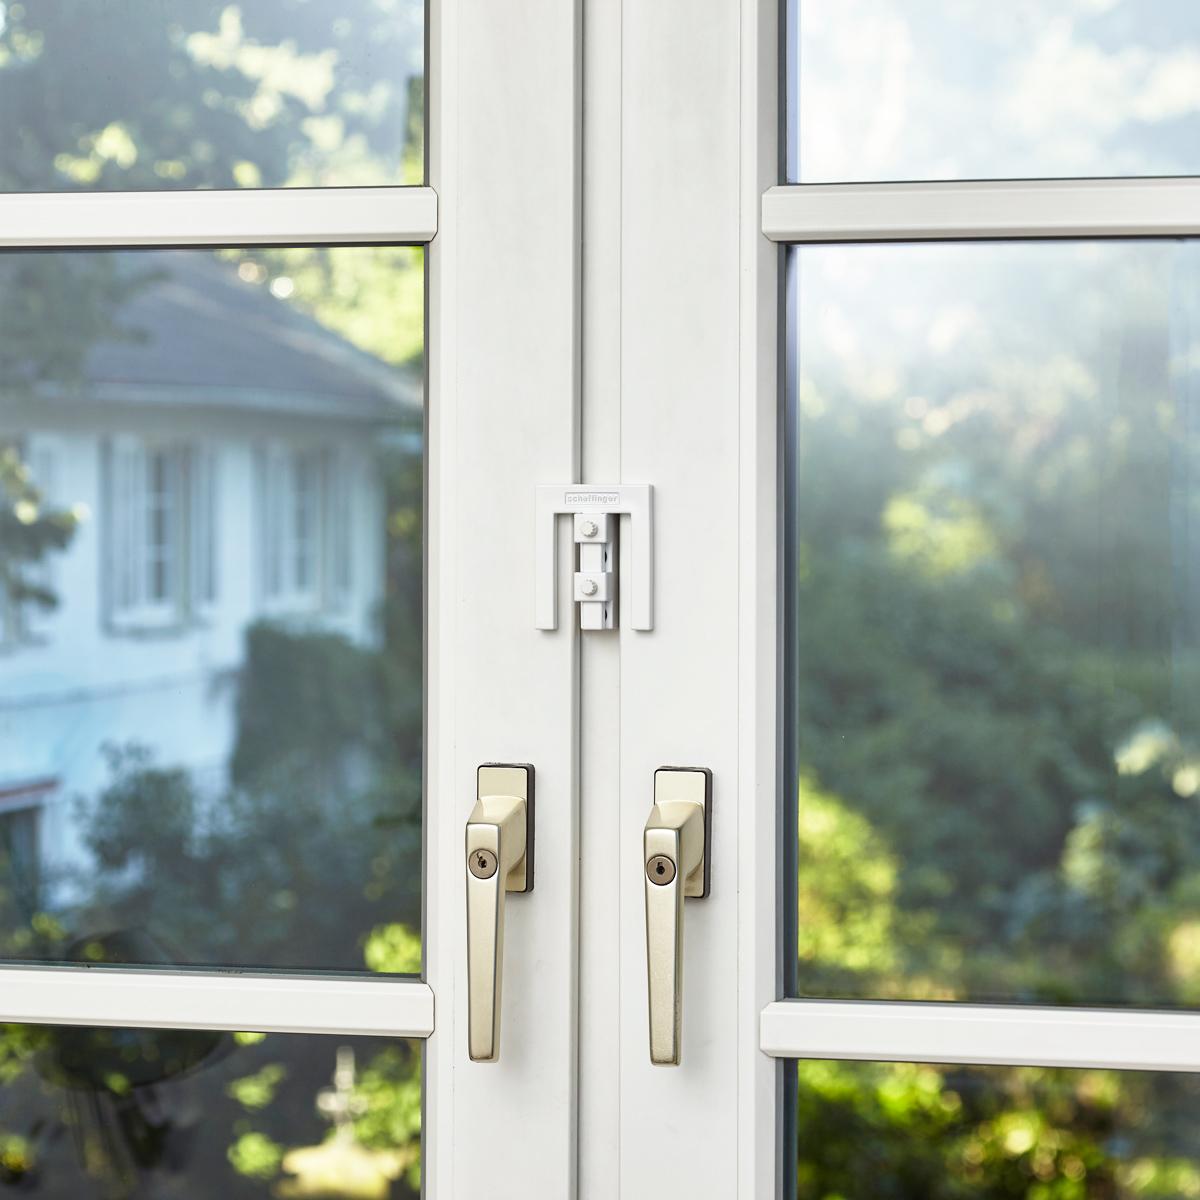 EM3 Der Riegel - Robuste Fenstersicherung – Bild 7